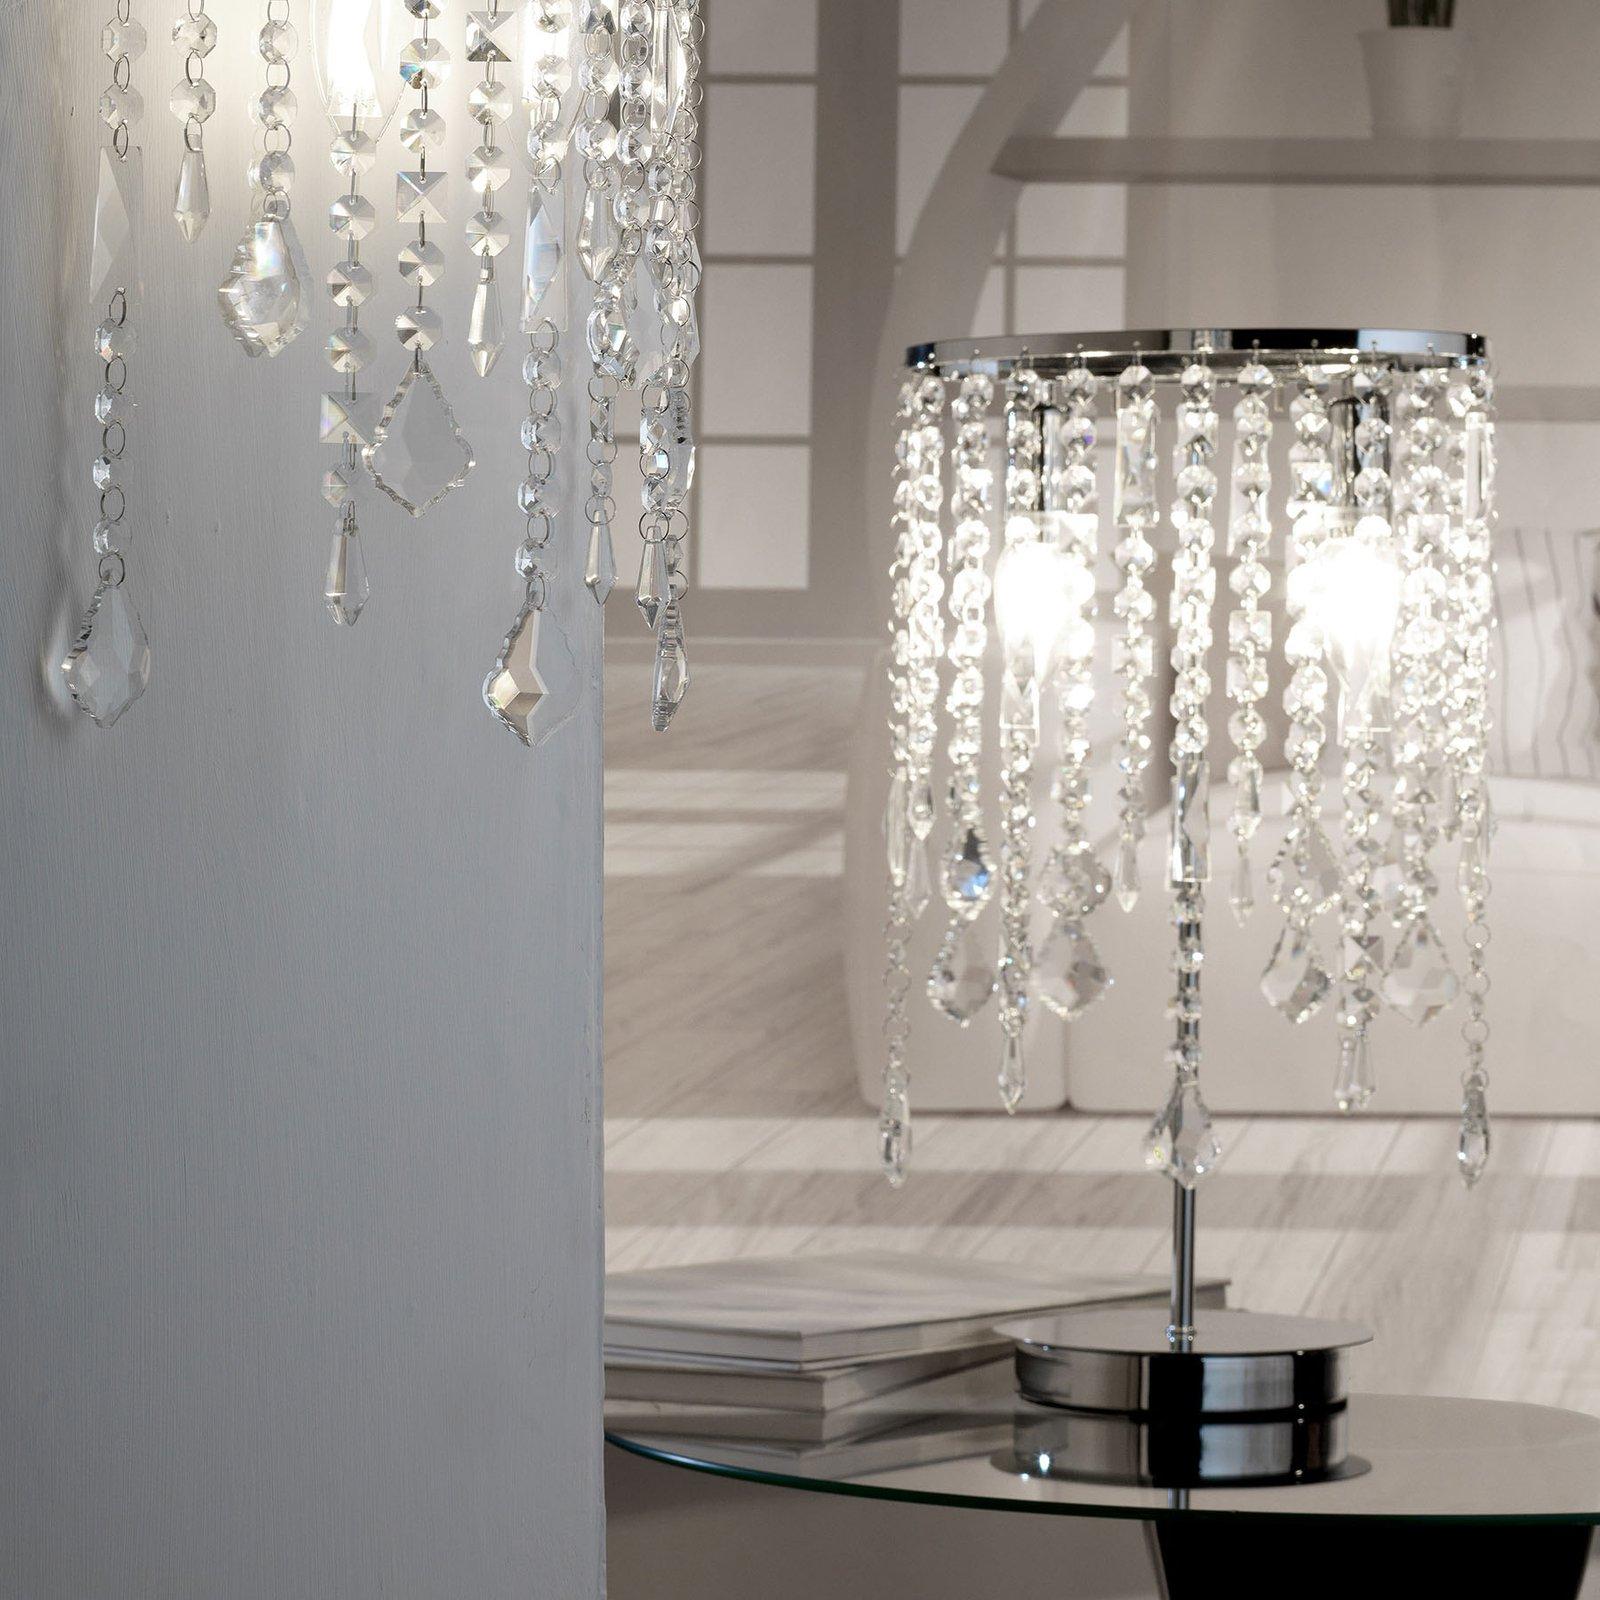 Bordlampe Laila med krystallforheng 2 lyskilder